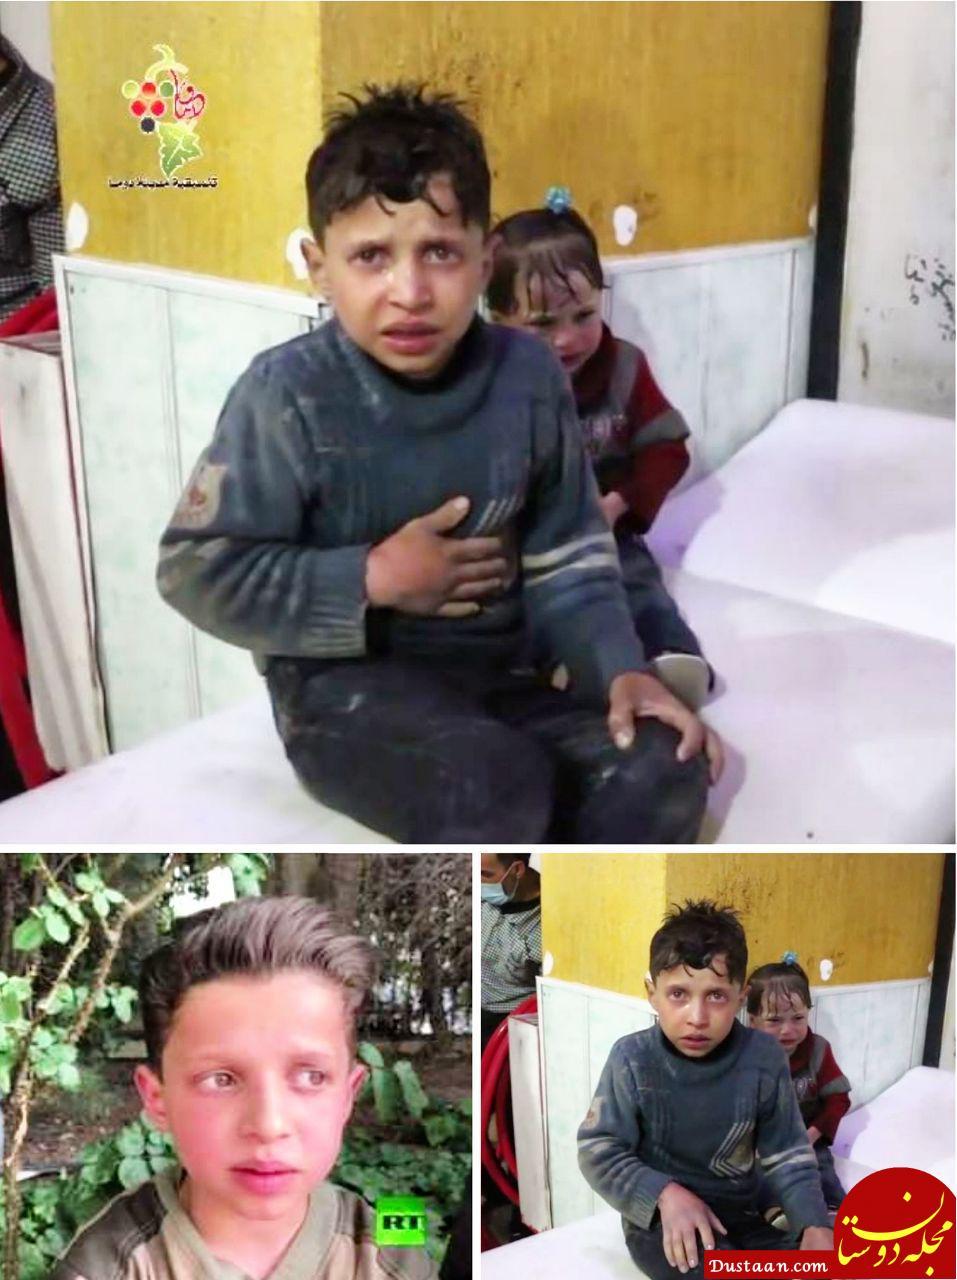 www.dustaan.com روسیه کودک فیلم شیمیایی ساختگی در دوما را به لاهه می برد +تصاویر